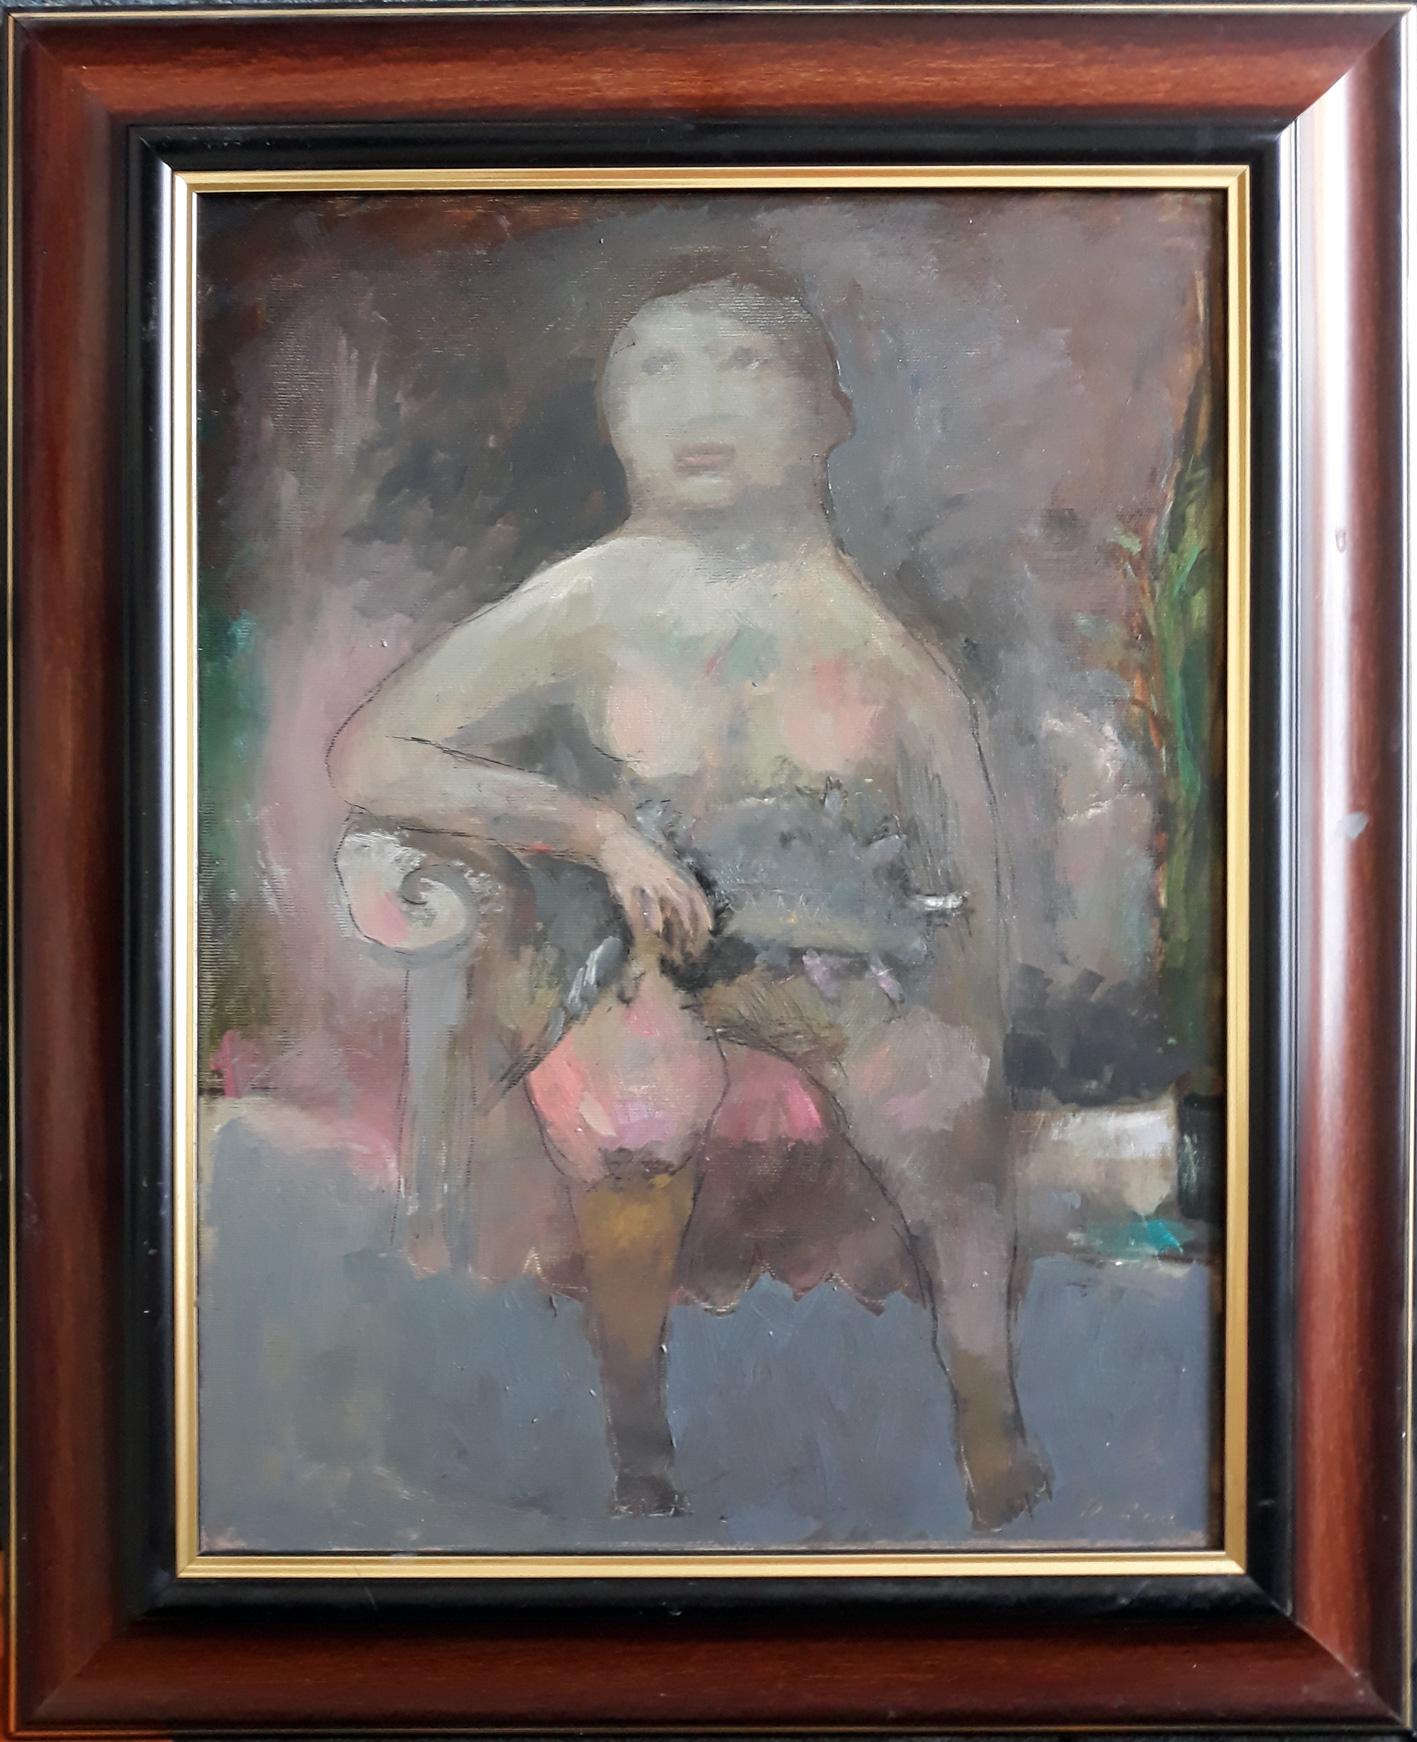 žena sa ljumimcem, ulje na platnu, 450€